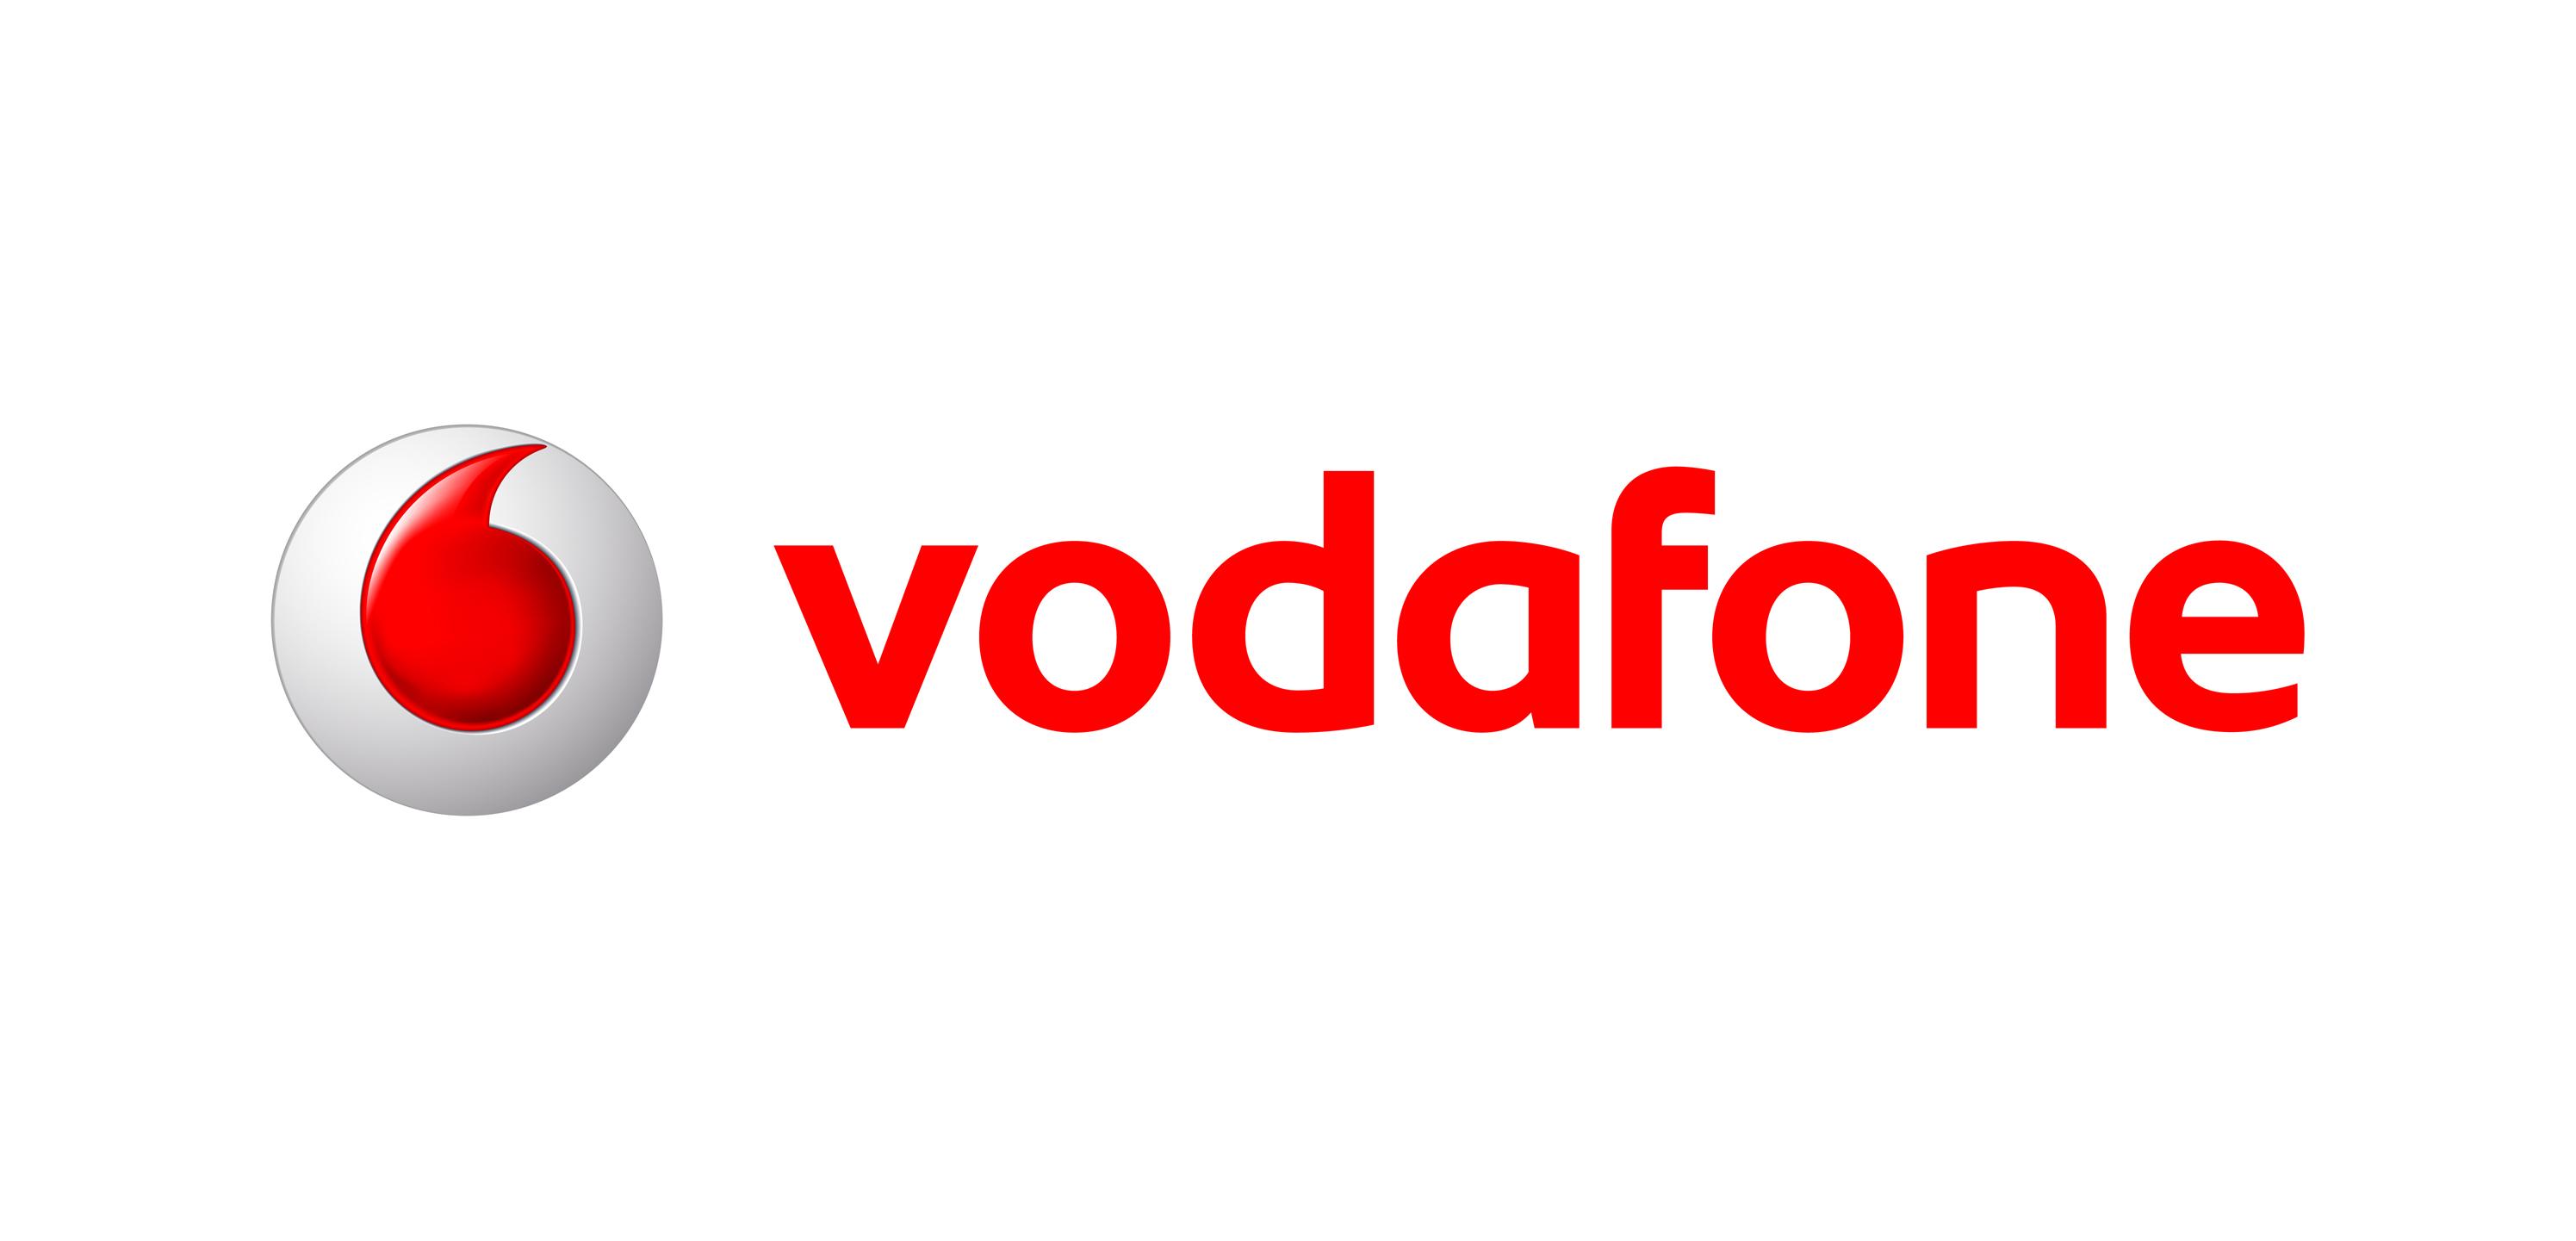 Vodafone Operatörünü Kullananların Bilmesi Gereken Kısa Kodlar